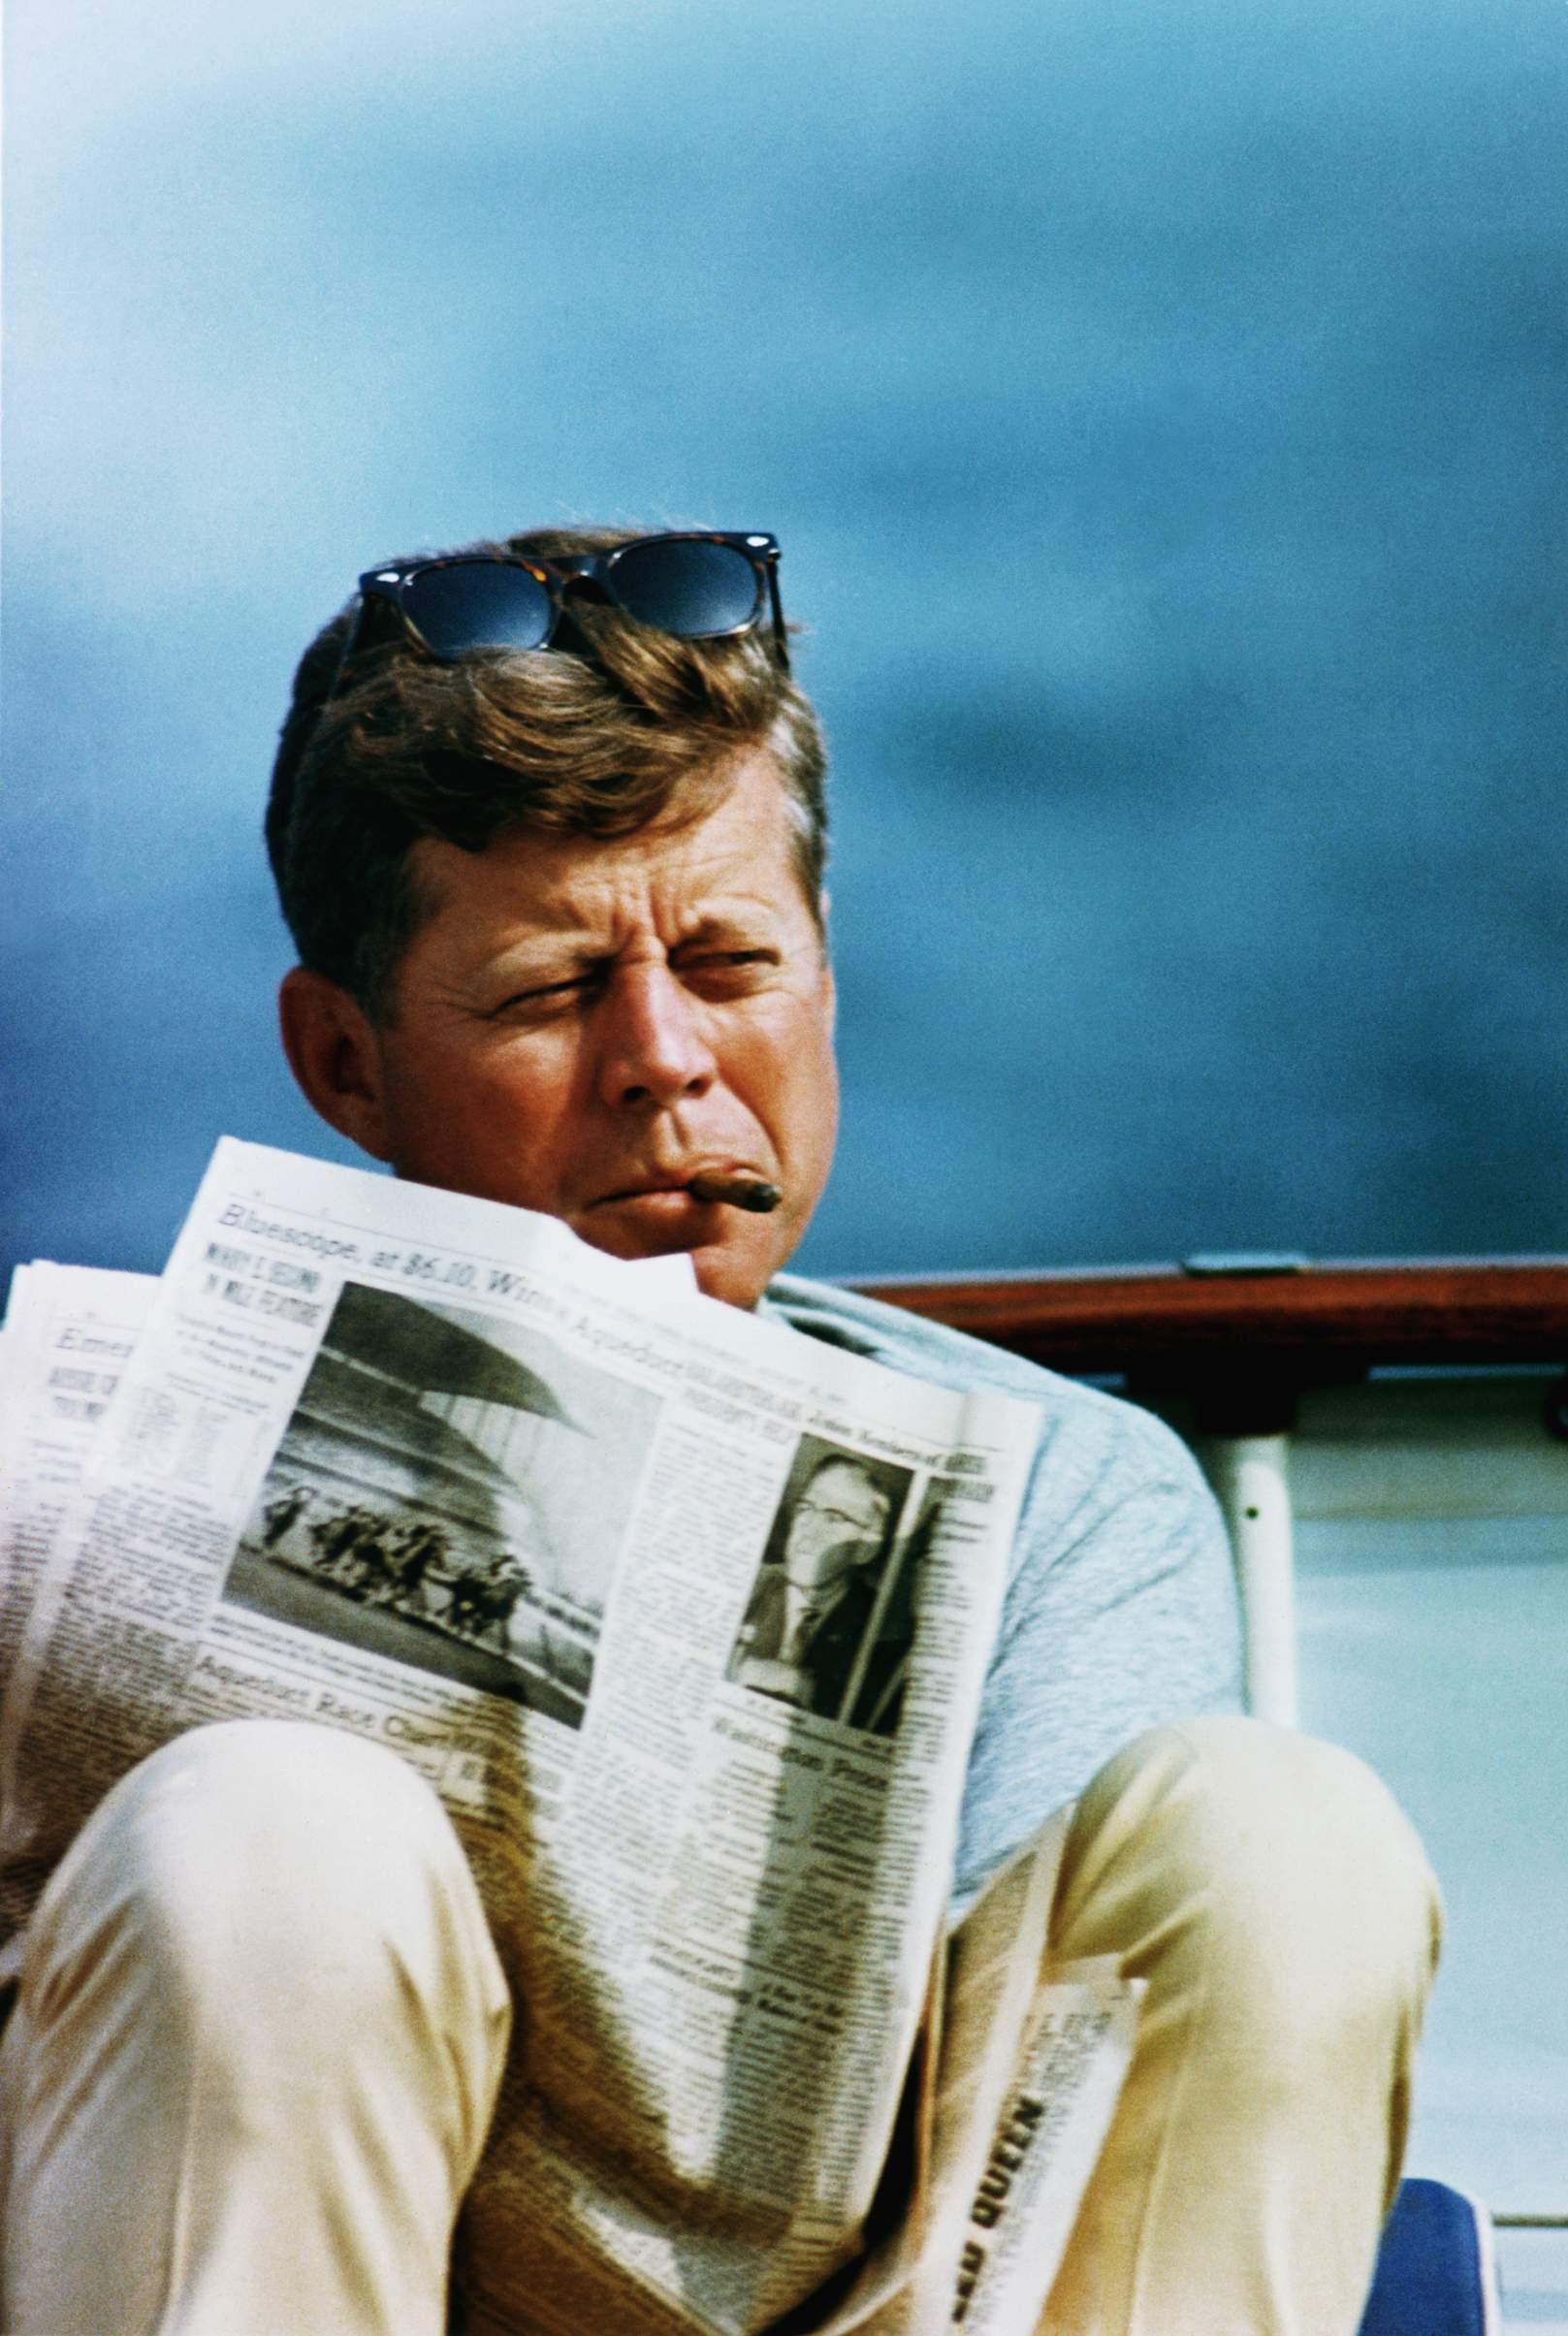 interesnyie faktyi  Кубинские сигары для Кеннеди